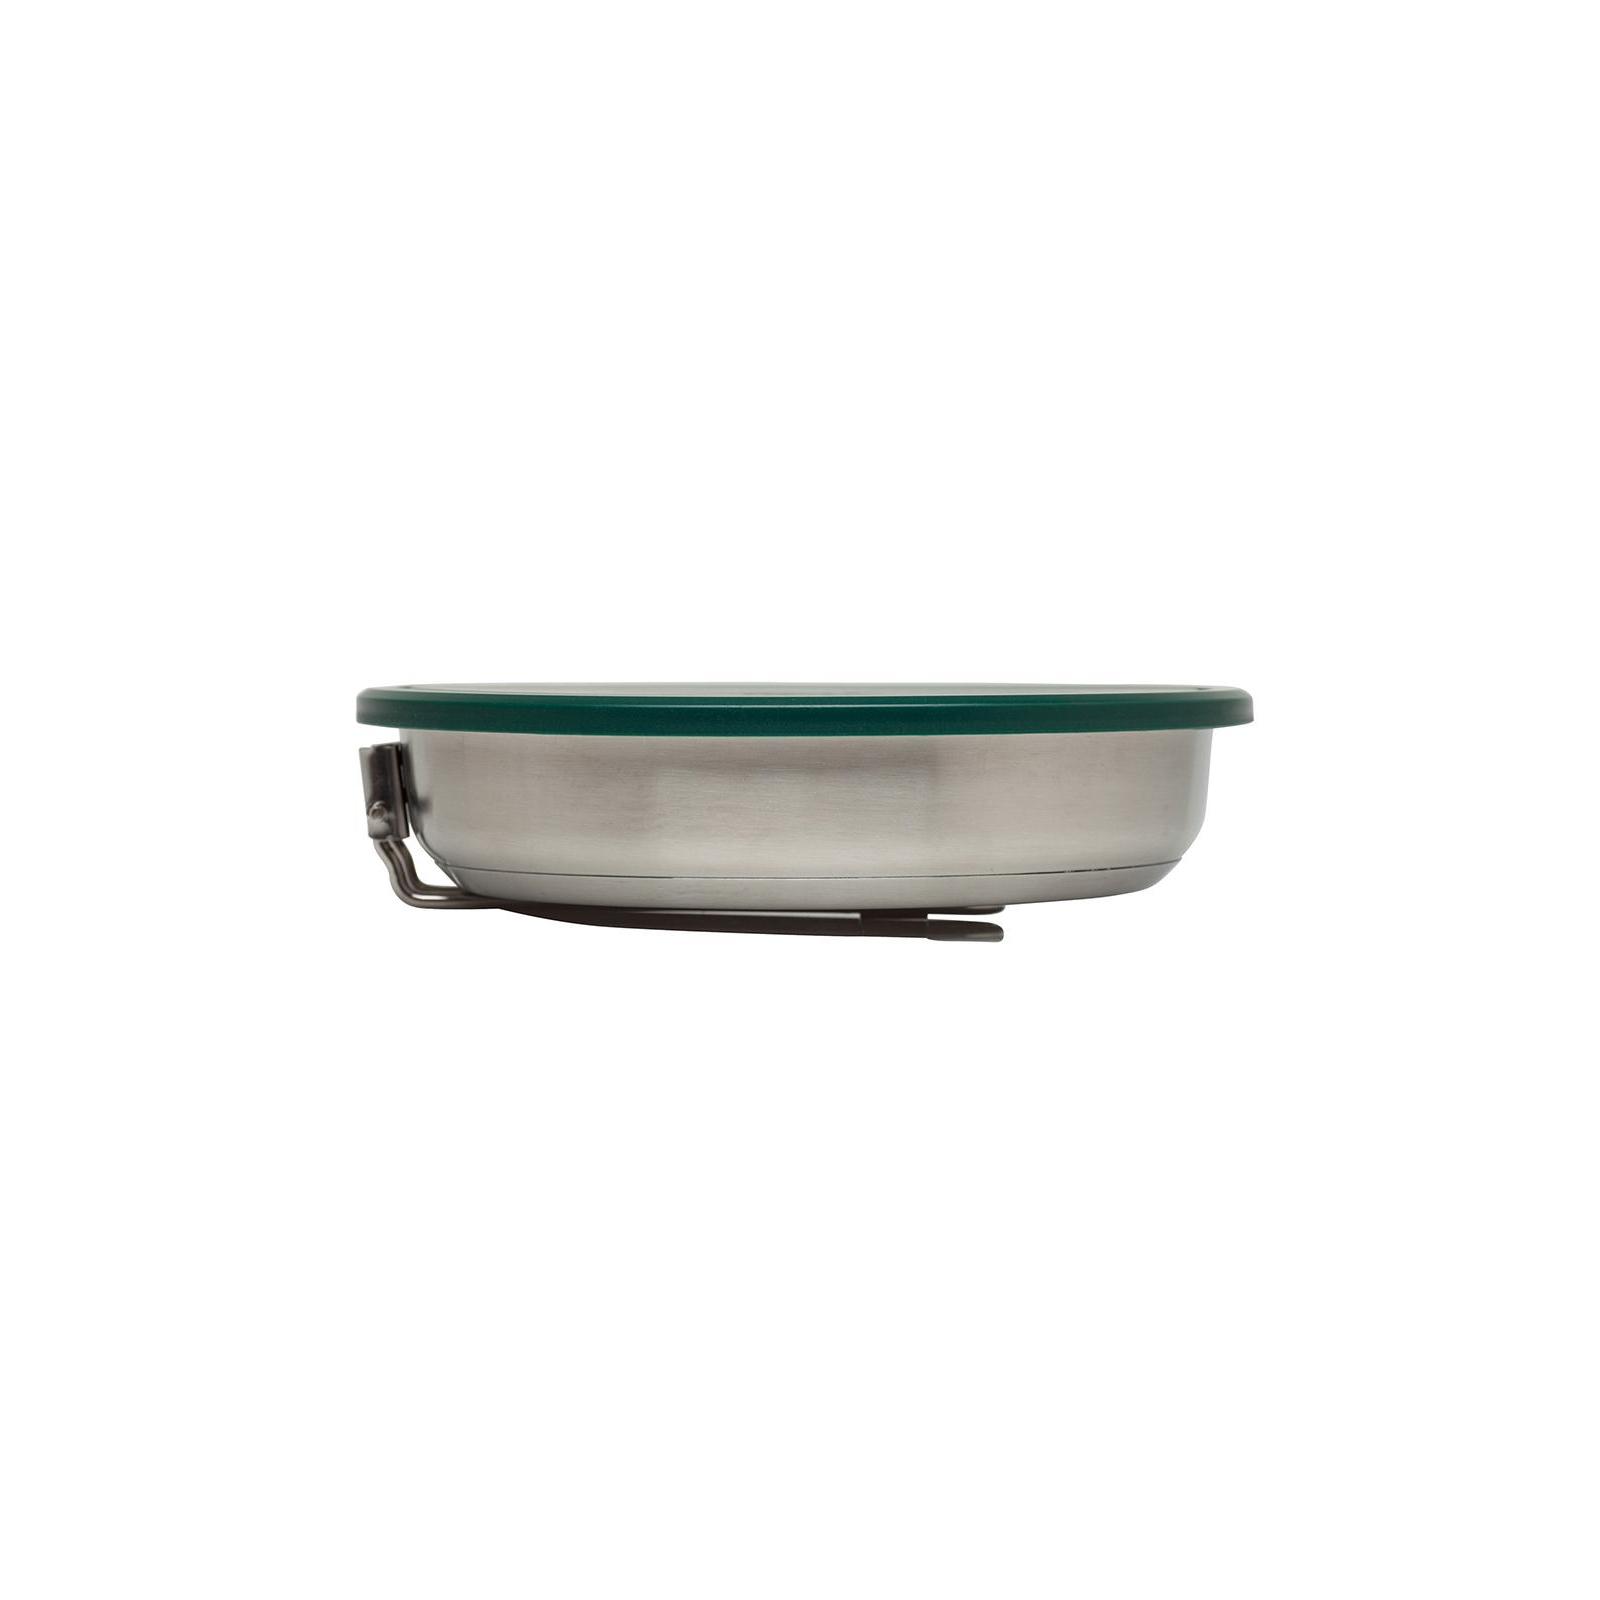 Набор туристической посуды Stanley Adventure Fry Pan 0.95 Л (6939236350013) изображение 3